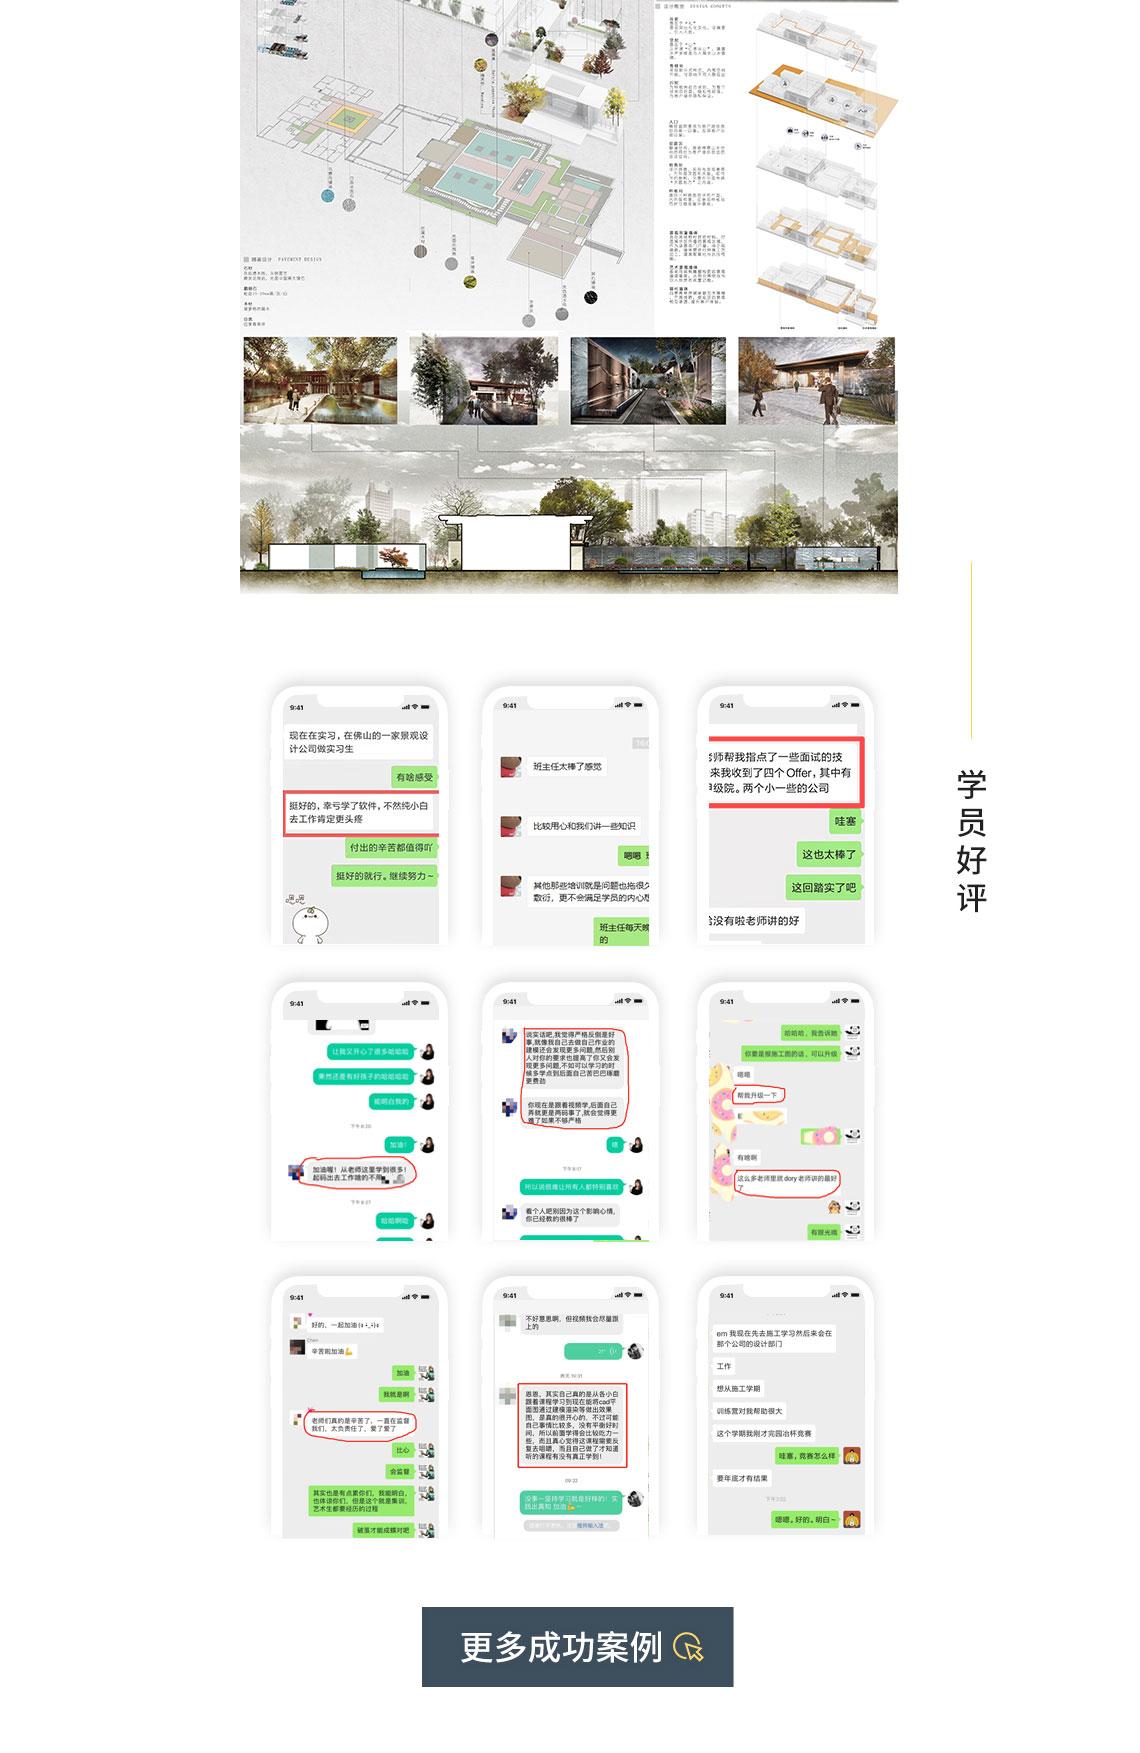 景观设计教程学员作品展示,学员亲述,学习完后就找到工作,因为会软件工资上涨2000元,景观设计软件培训,常用设计软件培训,景观设计教程,景观效果图软件教程